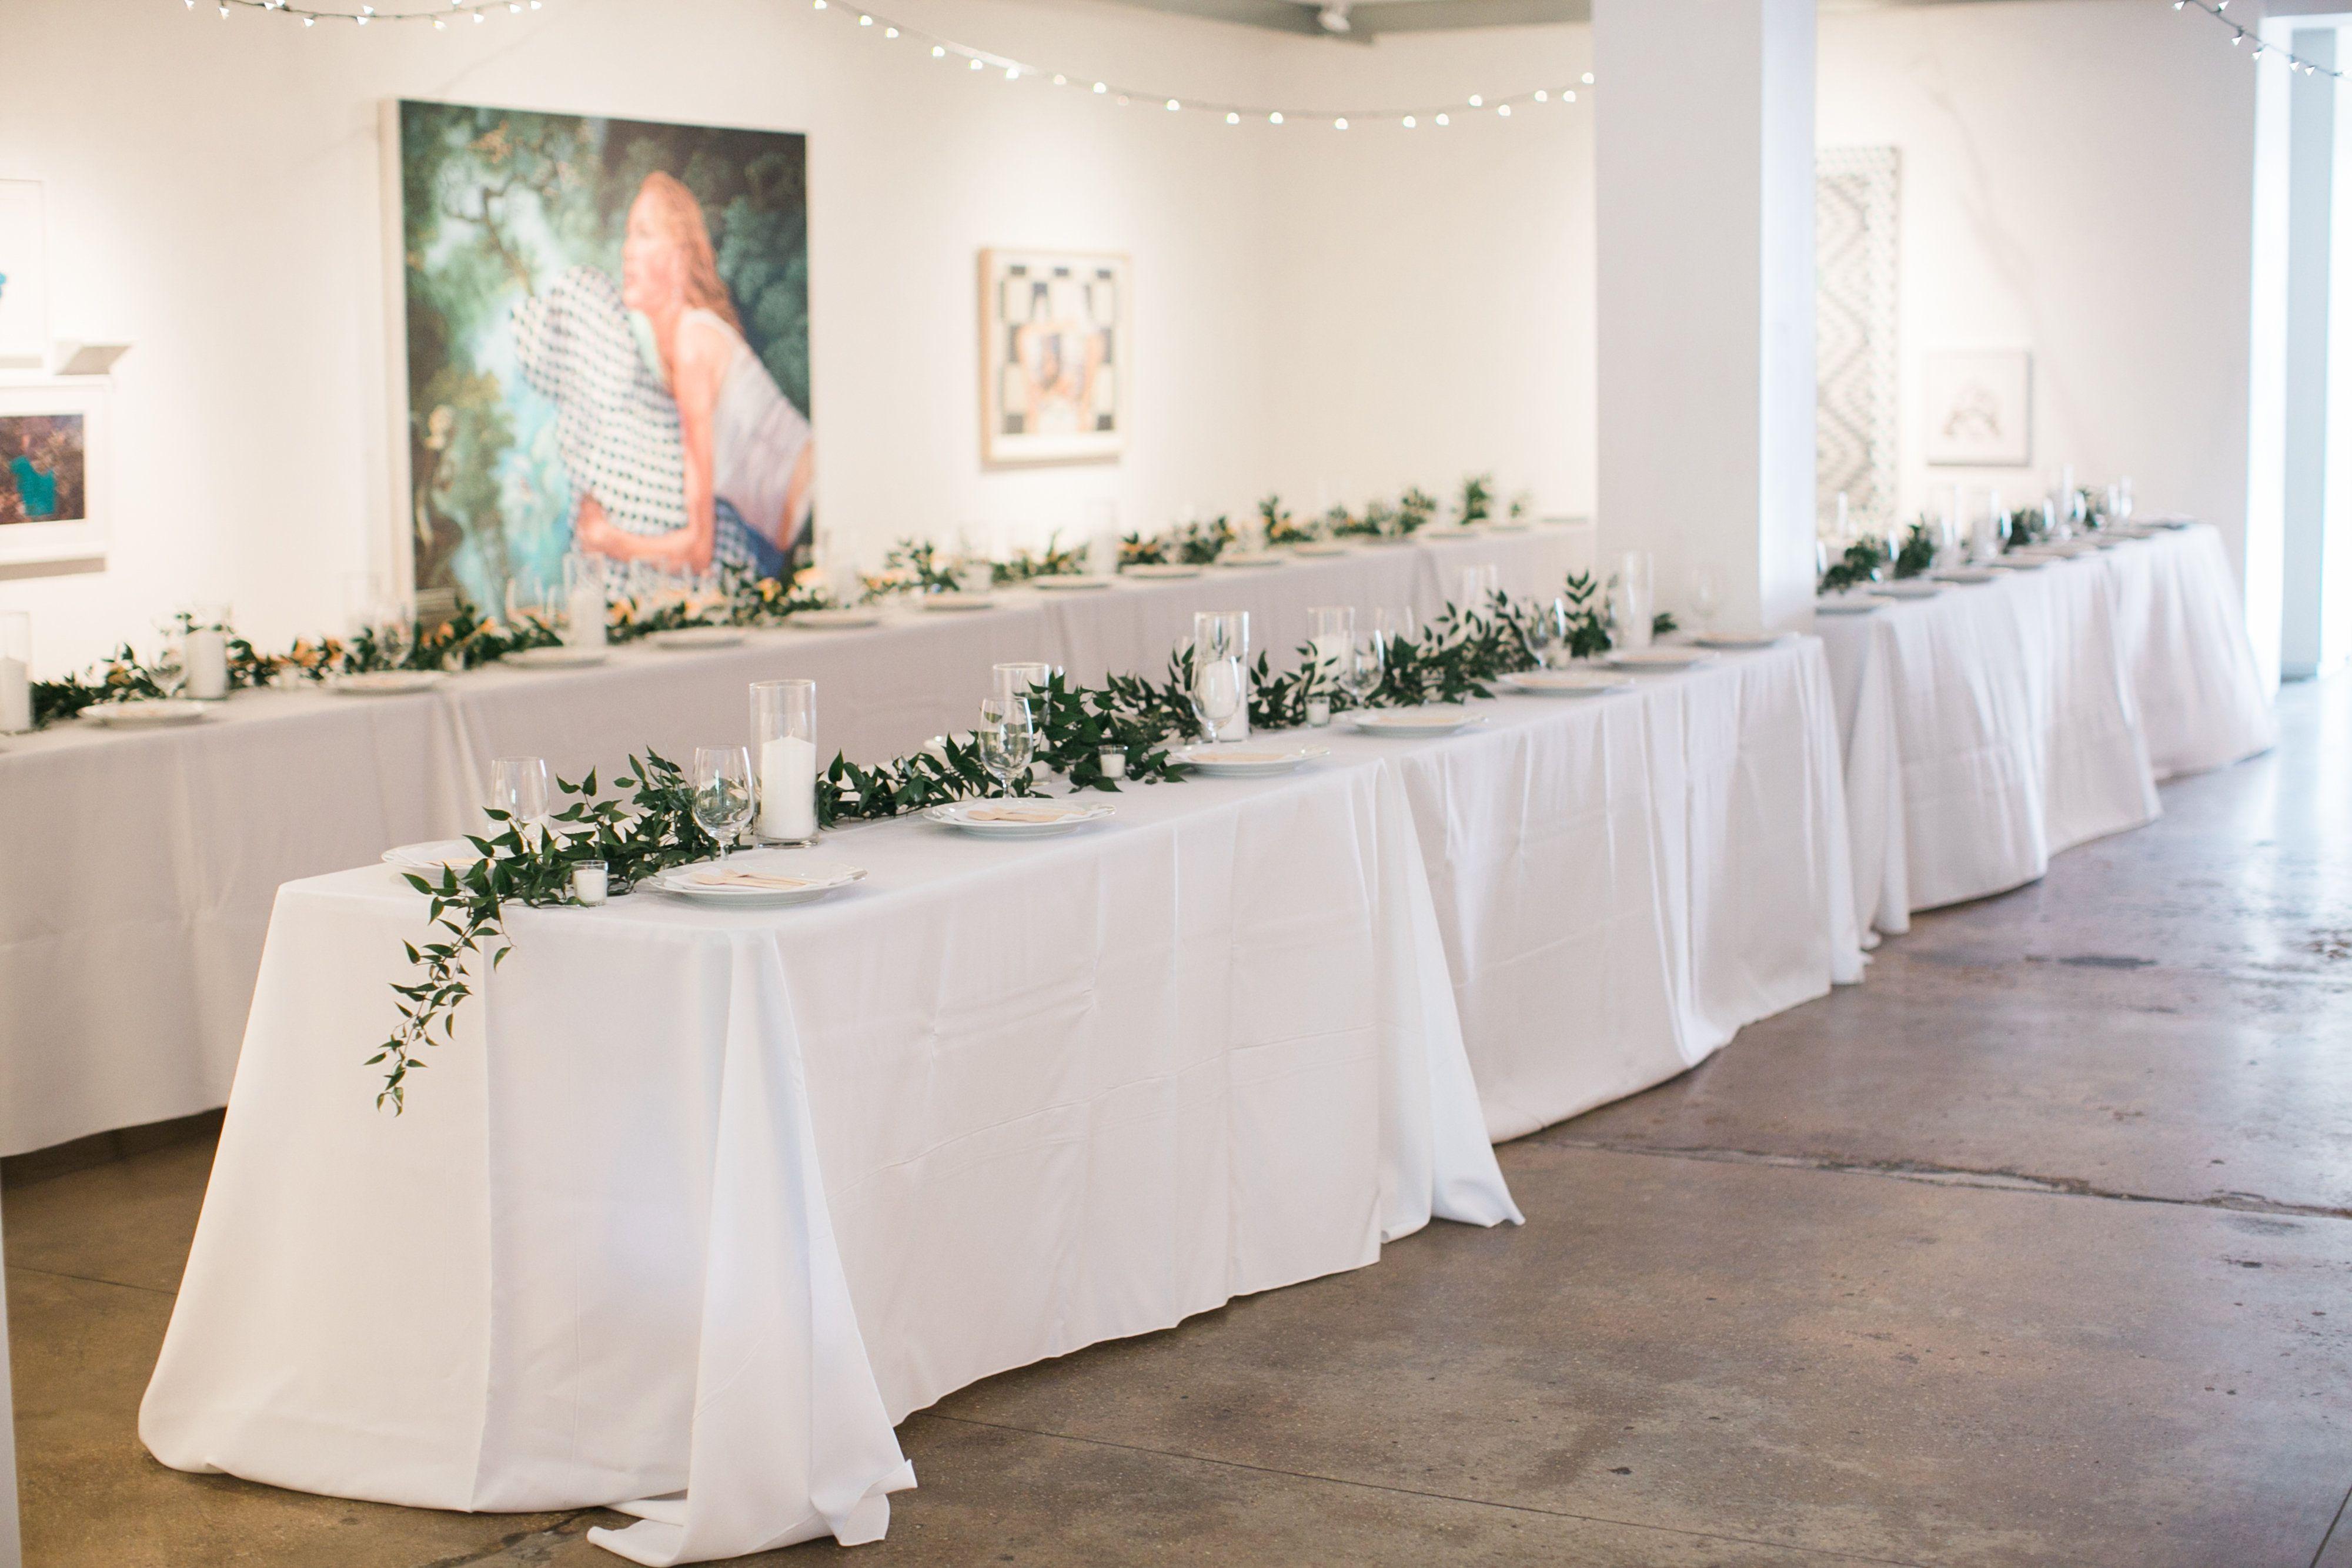 outdoor wedding venues in fort worth tx%0A Fort Worth Wedding Venue   Artspace      Indoor Reception Space   artspace     indoor  reception